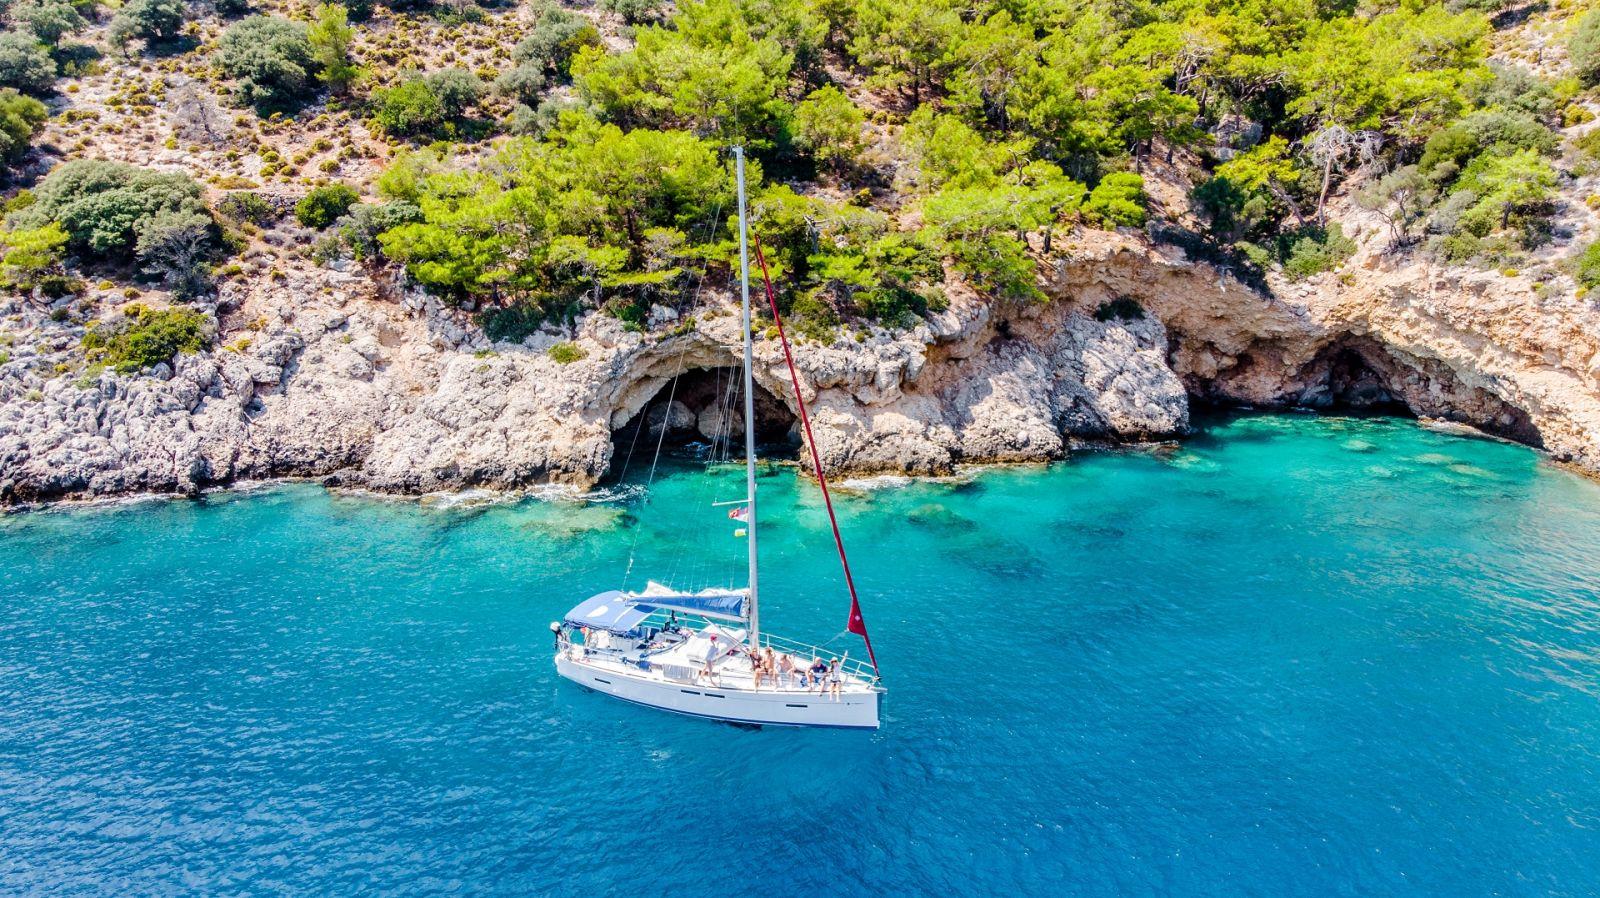 Der ortskundige Skipper kennt die versteckten Ecken: ob kulinarisch, sehenswert oder zum Baden und Schnorcheln. ©Anna/AdobeStock